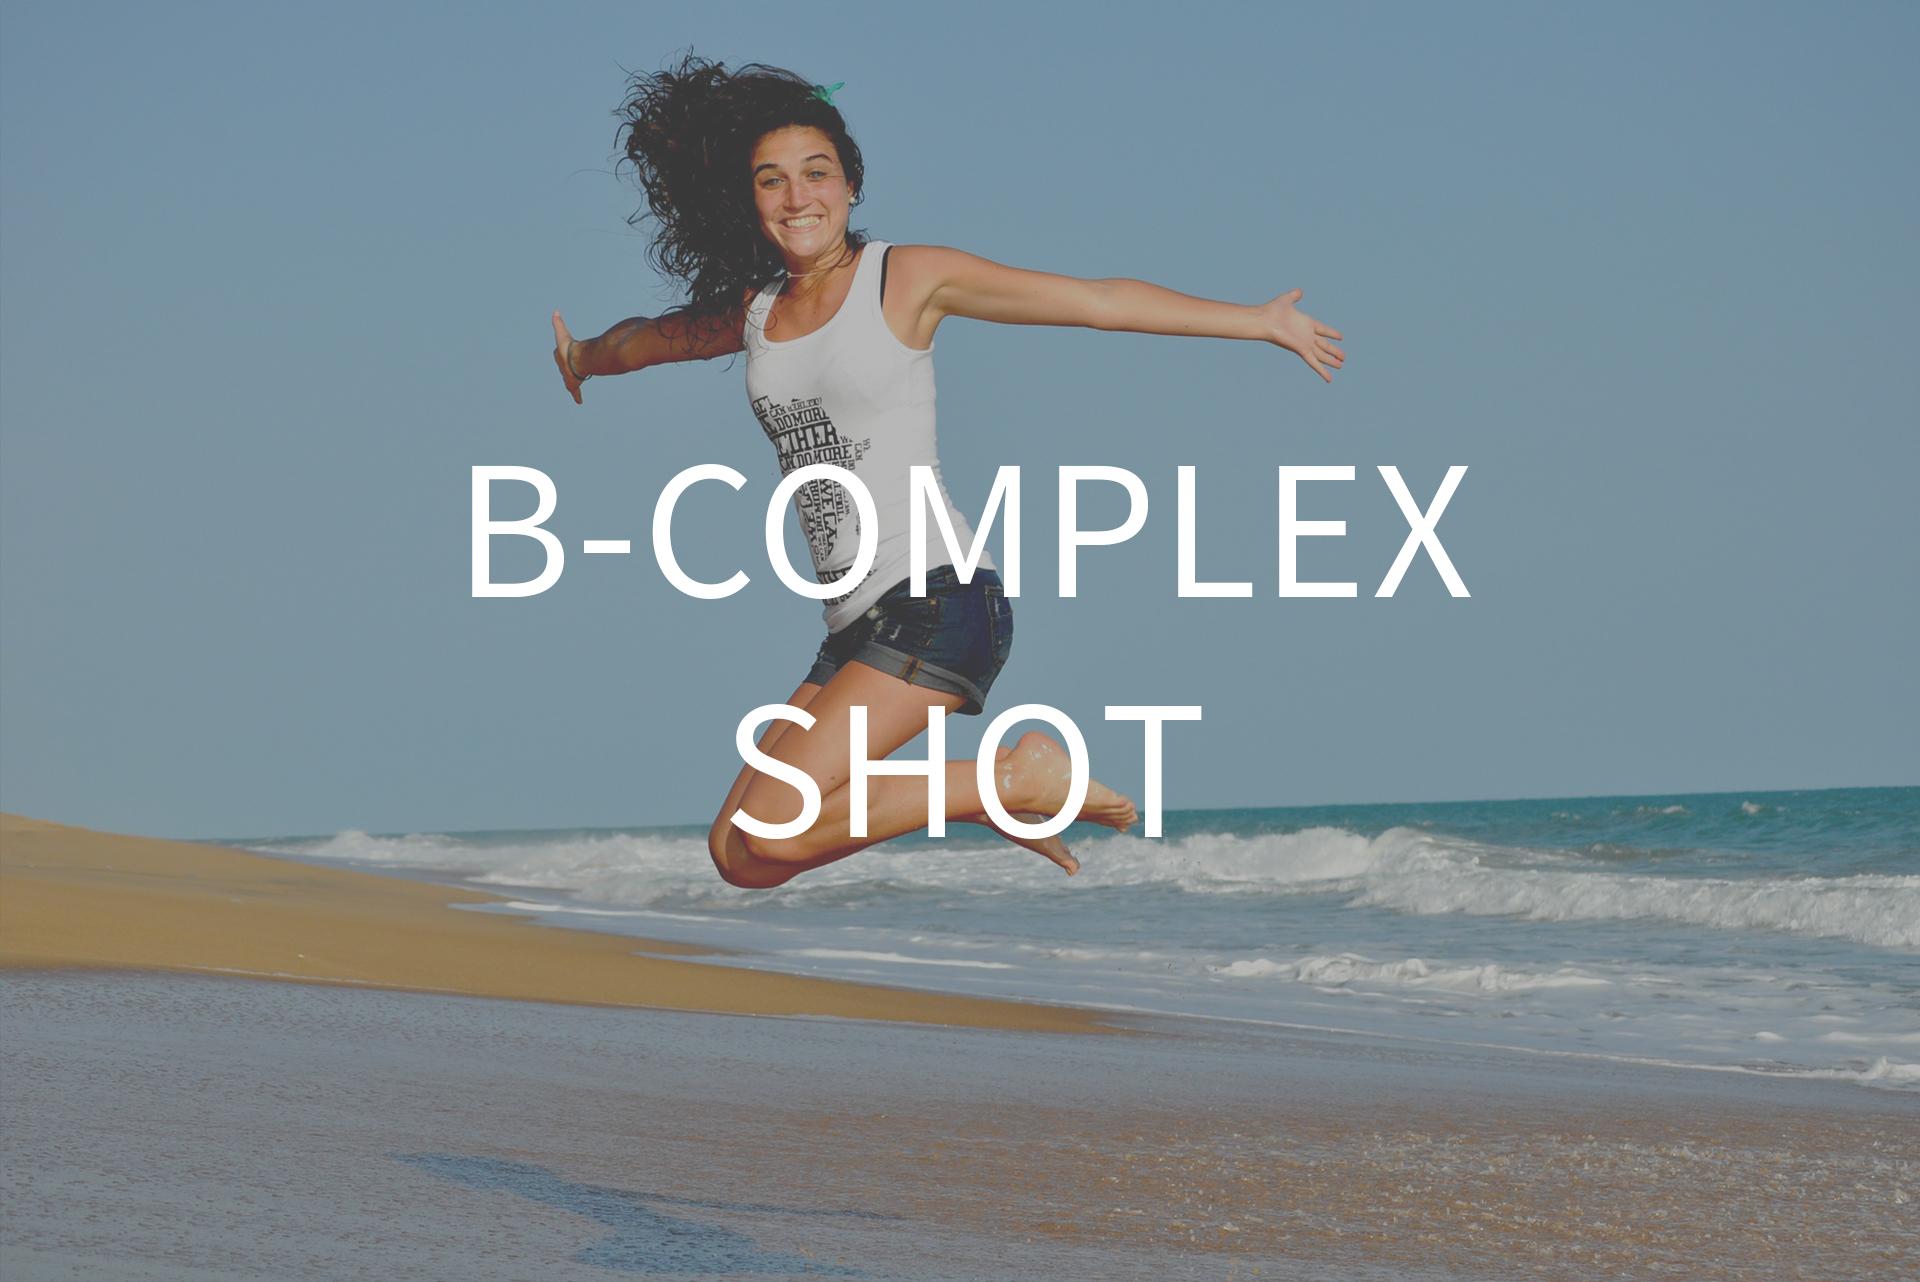 Emerald B-Complex Shot